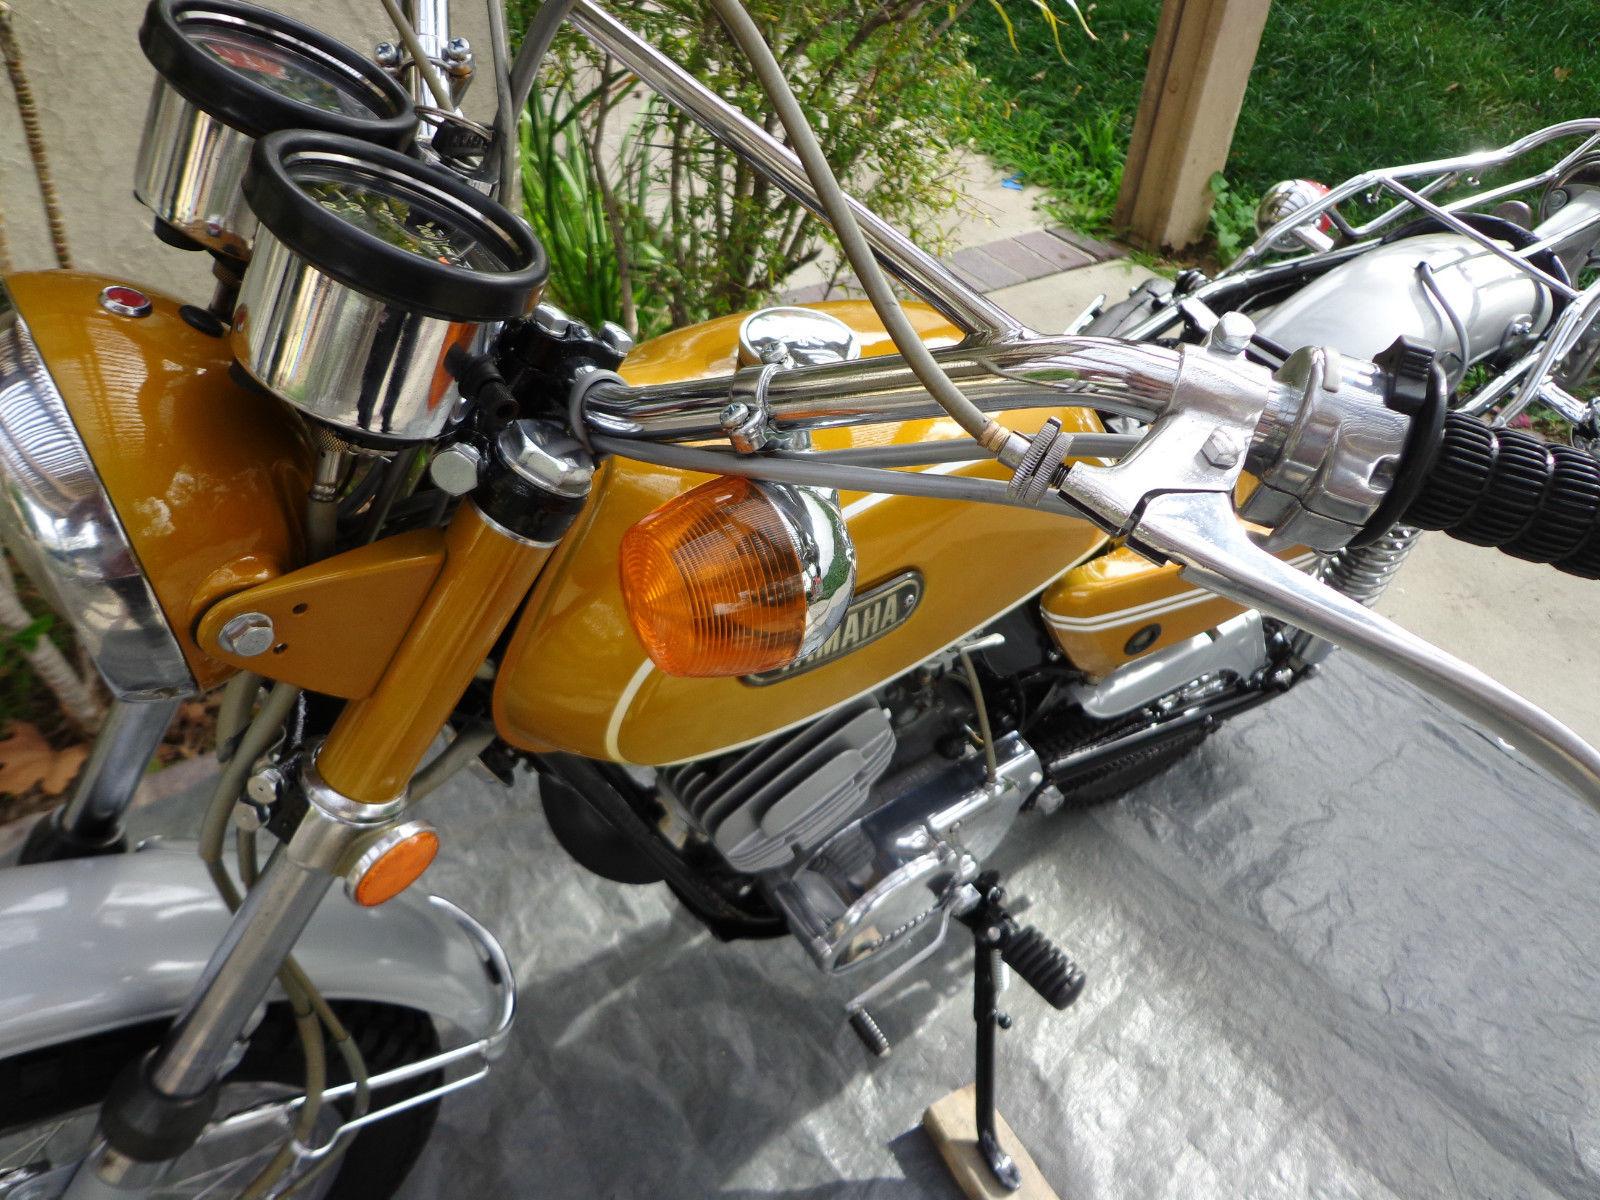 Yamaha CT1 175 Enduro - 1971 - Front Indicator/Flasher, Brake Lever and Headlight Ear.